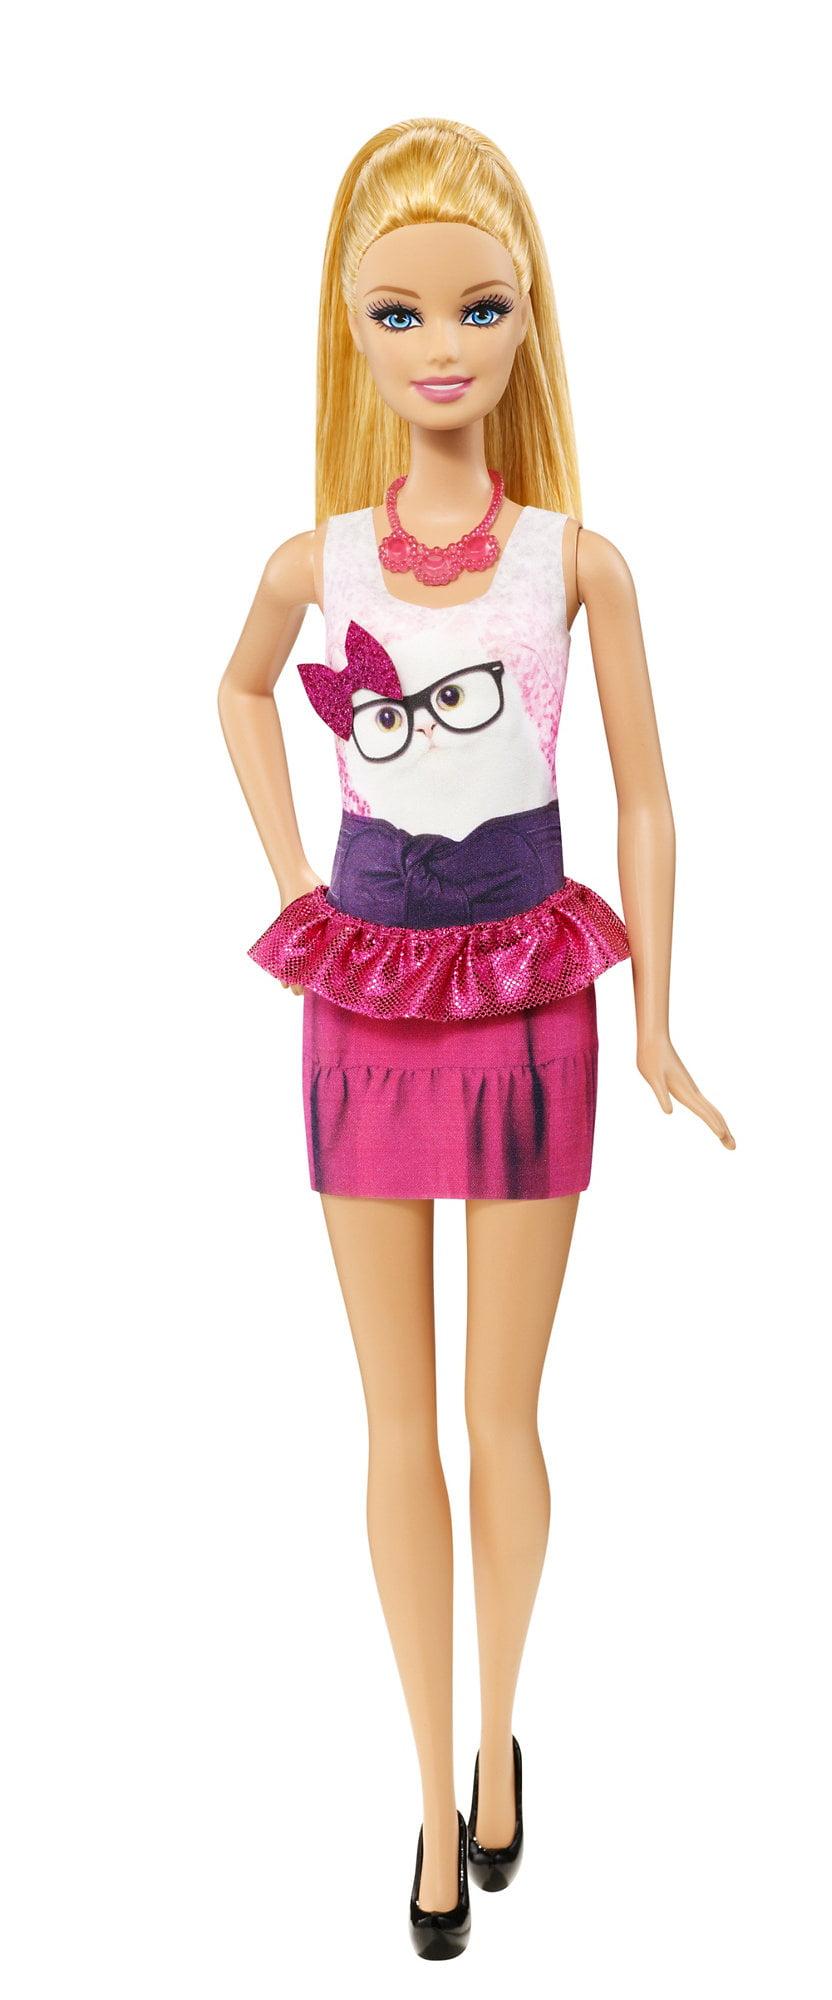 Barbie Fashion Design Maker Doll Walmart Com Walmart Com